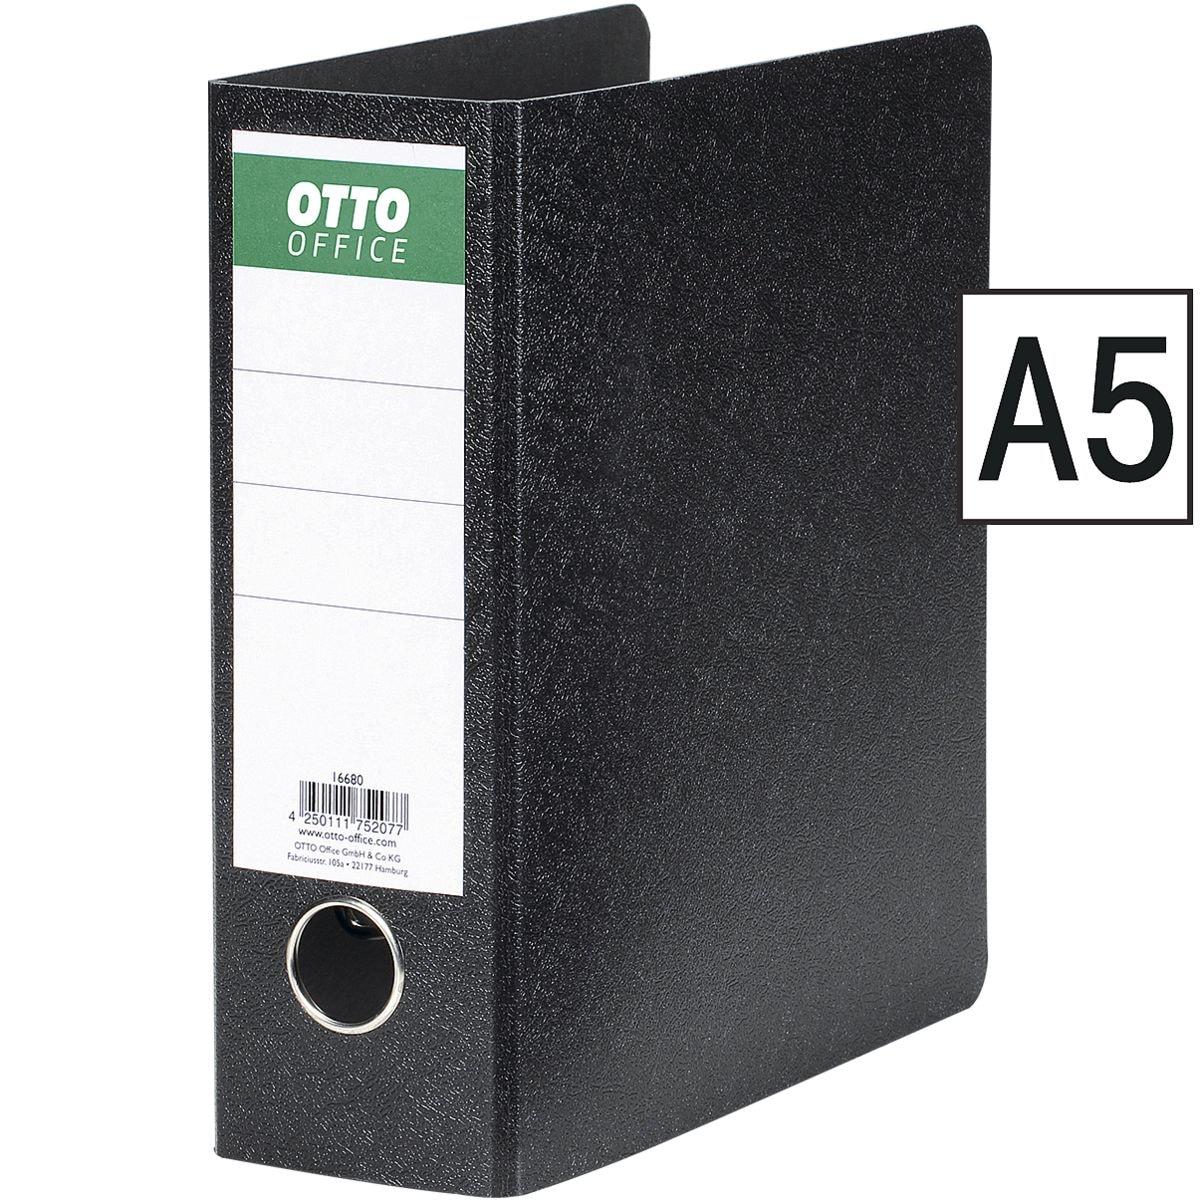 Ordner A5 hoch OTTO Office breit, Bei OTTO Office günstig kaufen.